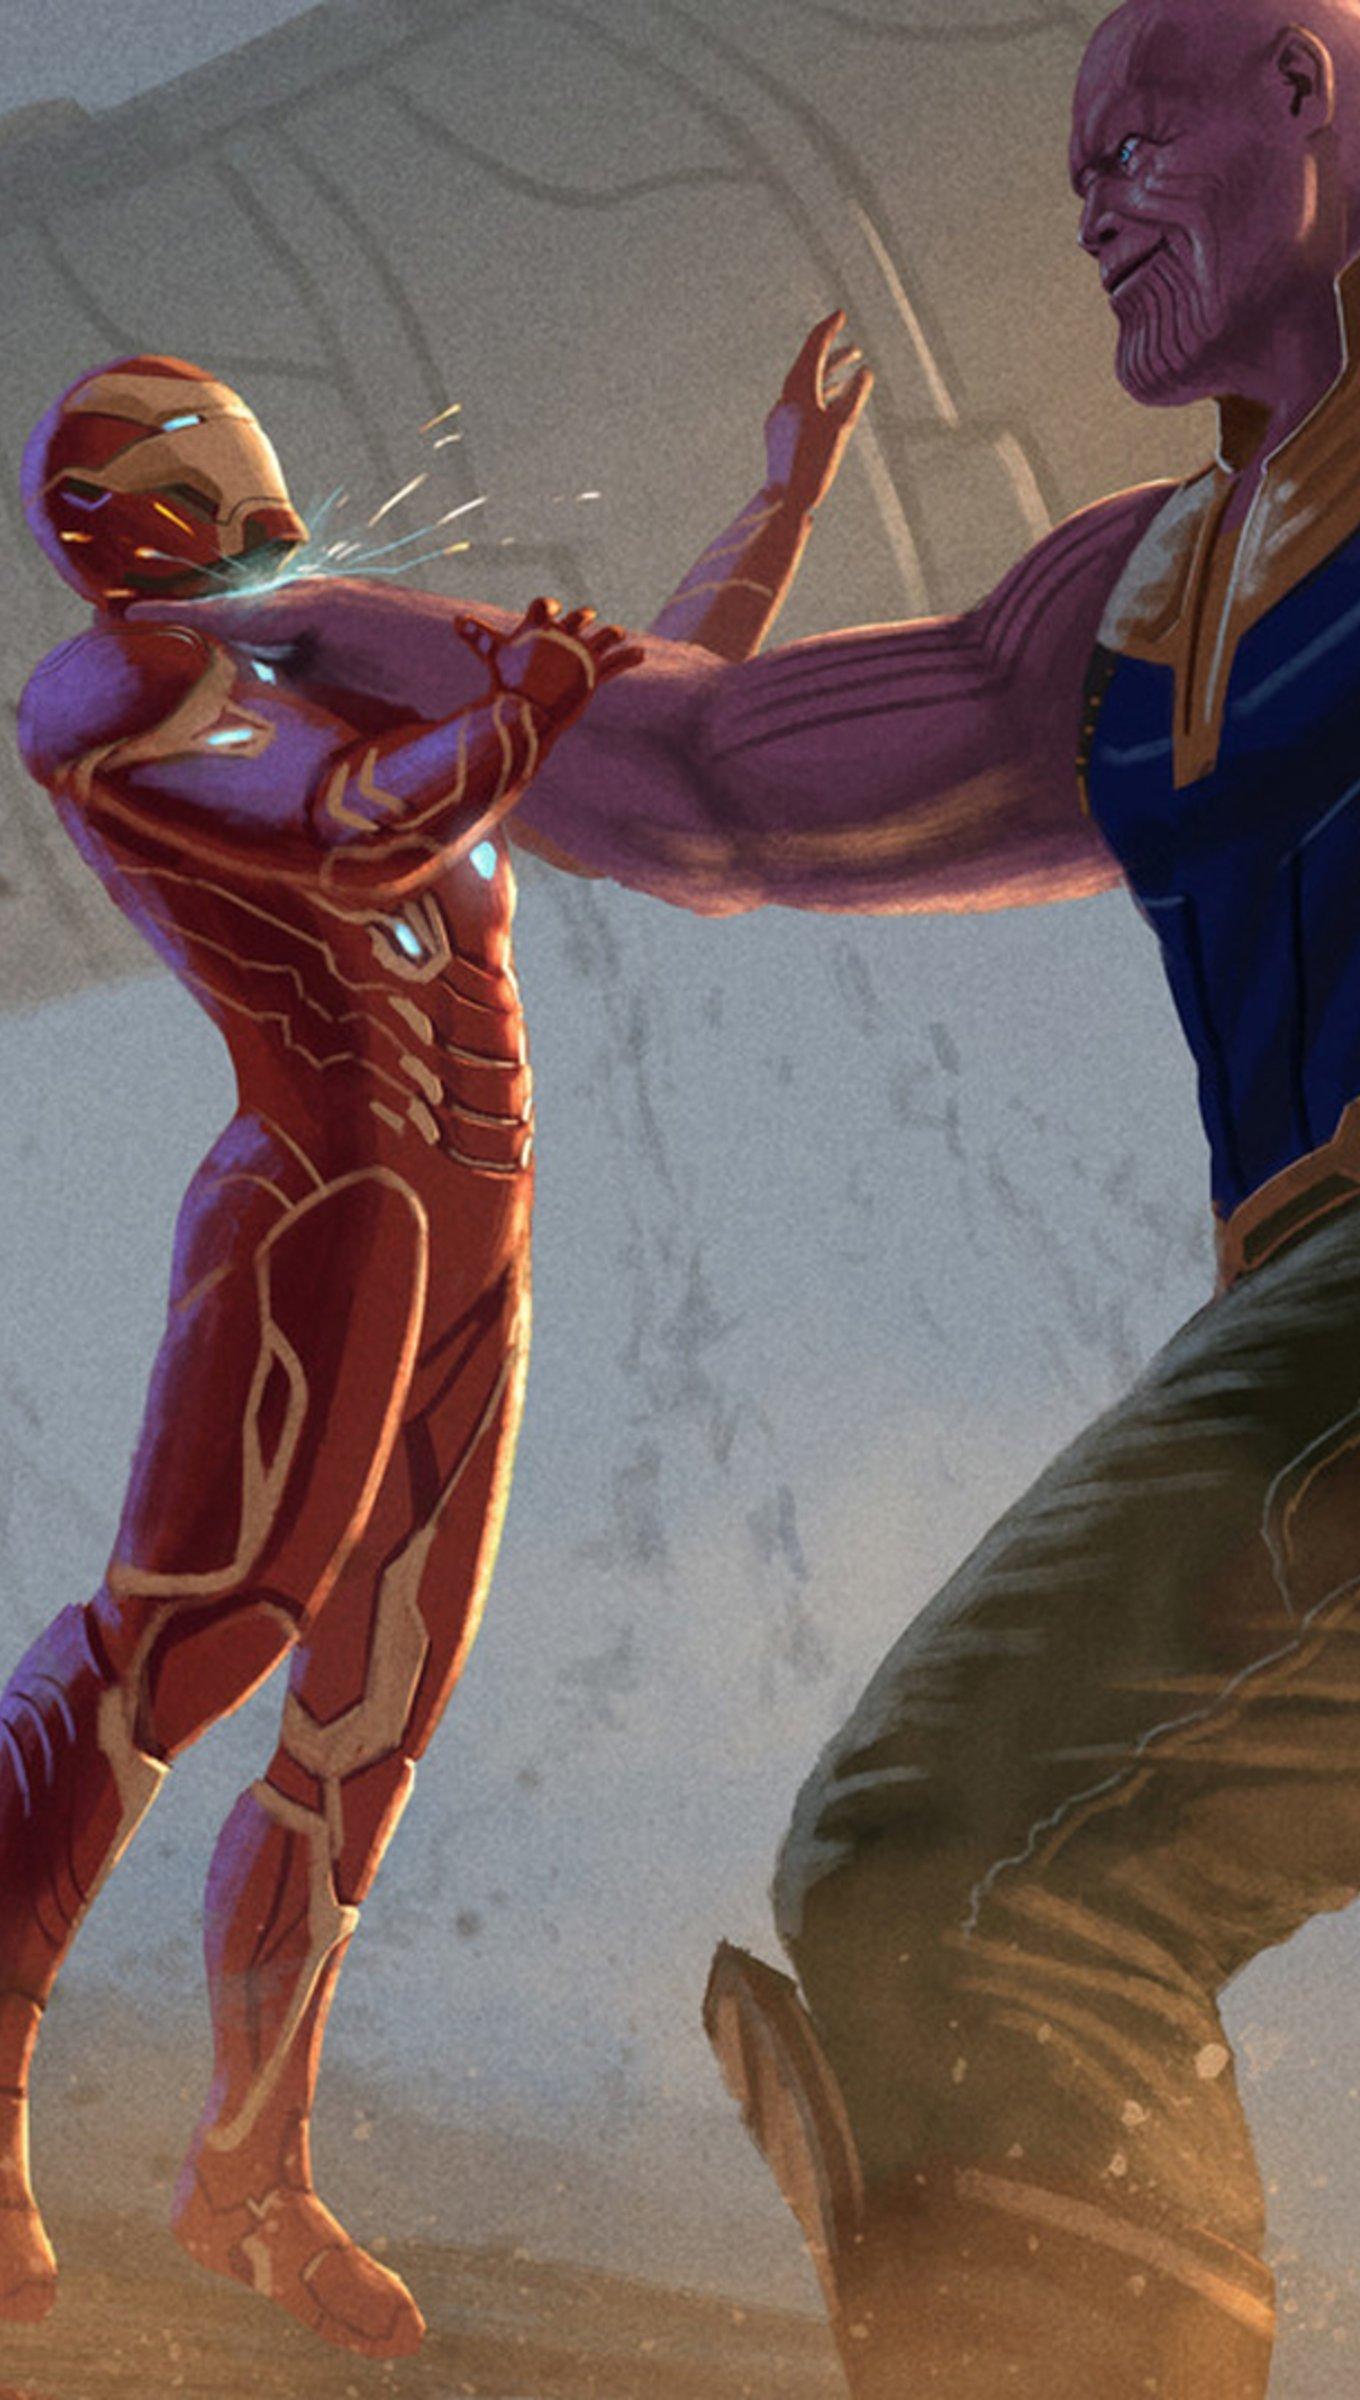 Fondos de pantalla Thanos atacando a Iron Man en Infinity war fanart Vertical